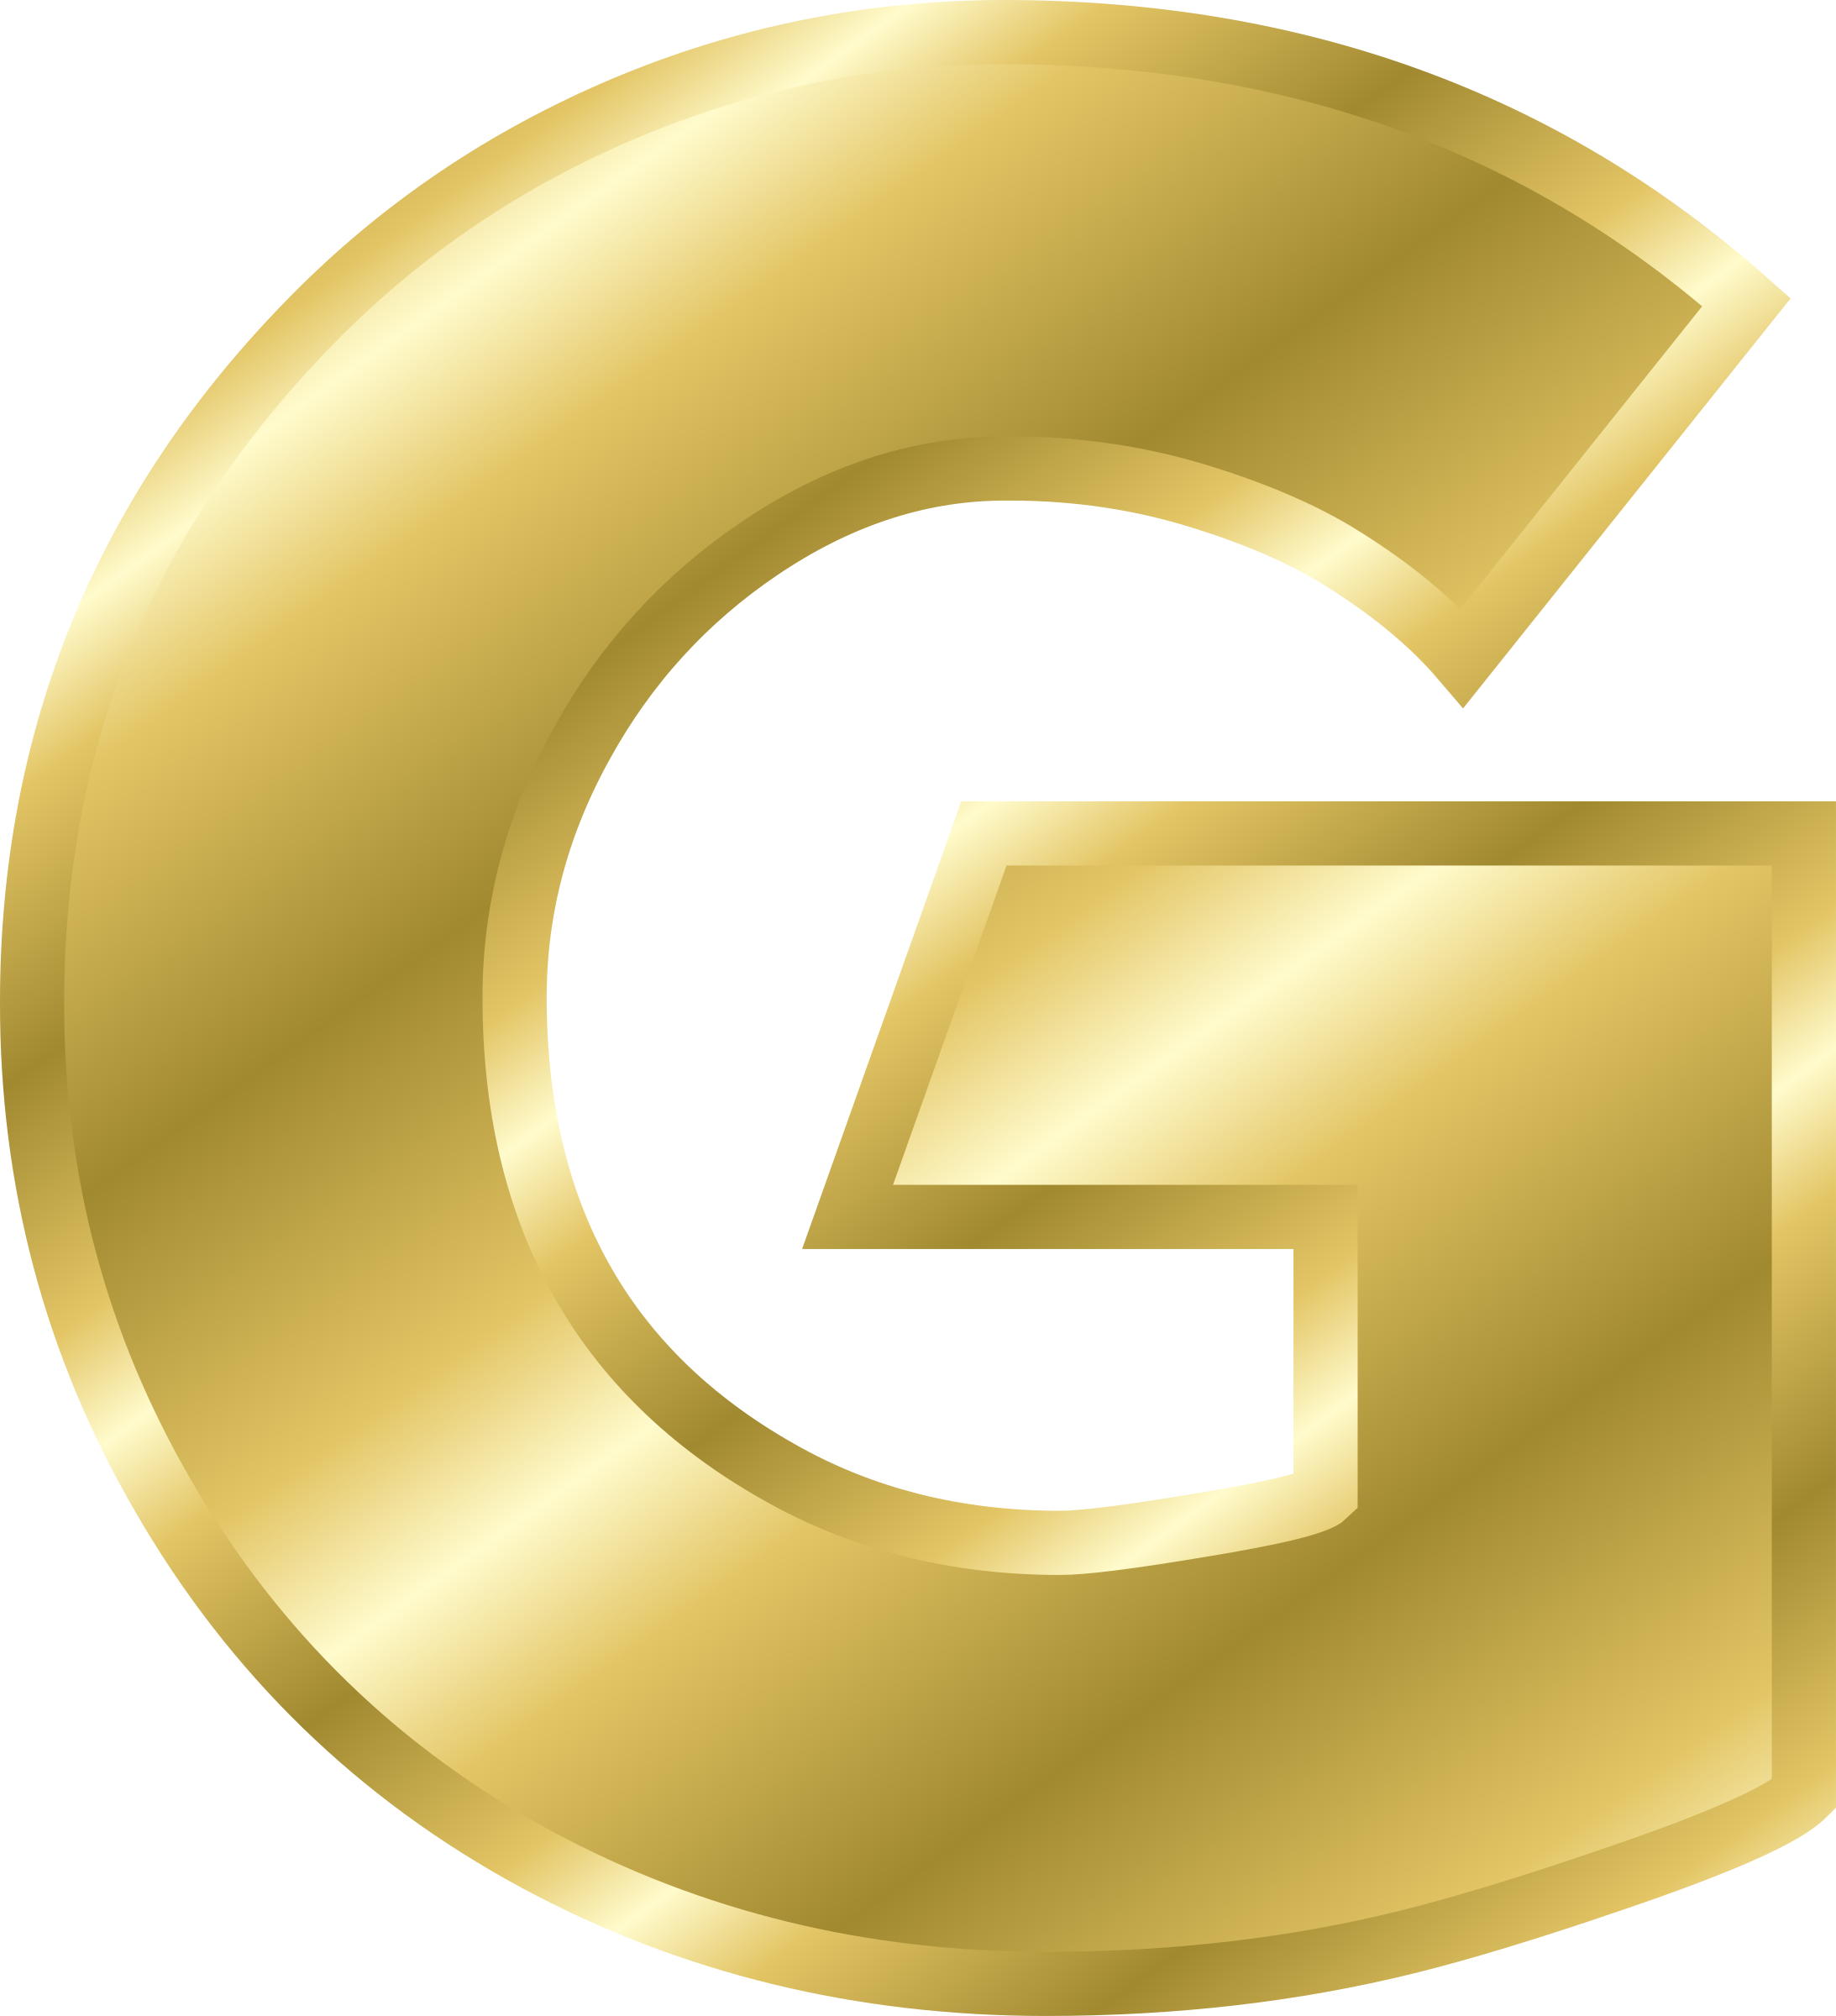 E clipart gold. Effect letters alphabet big